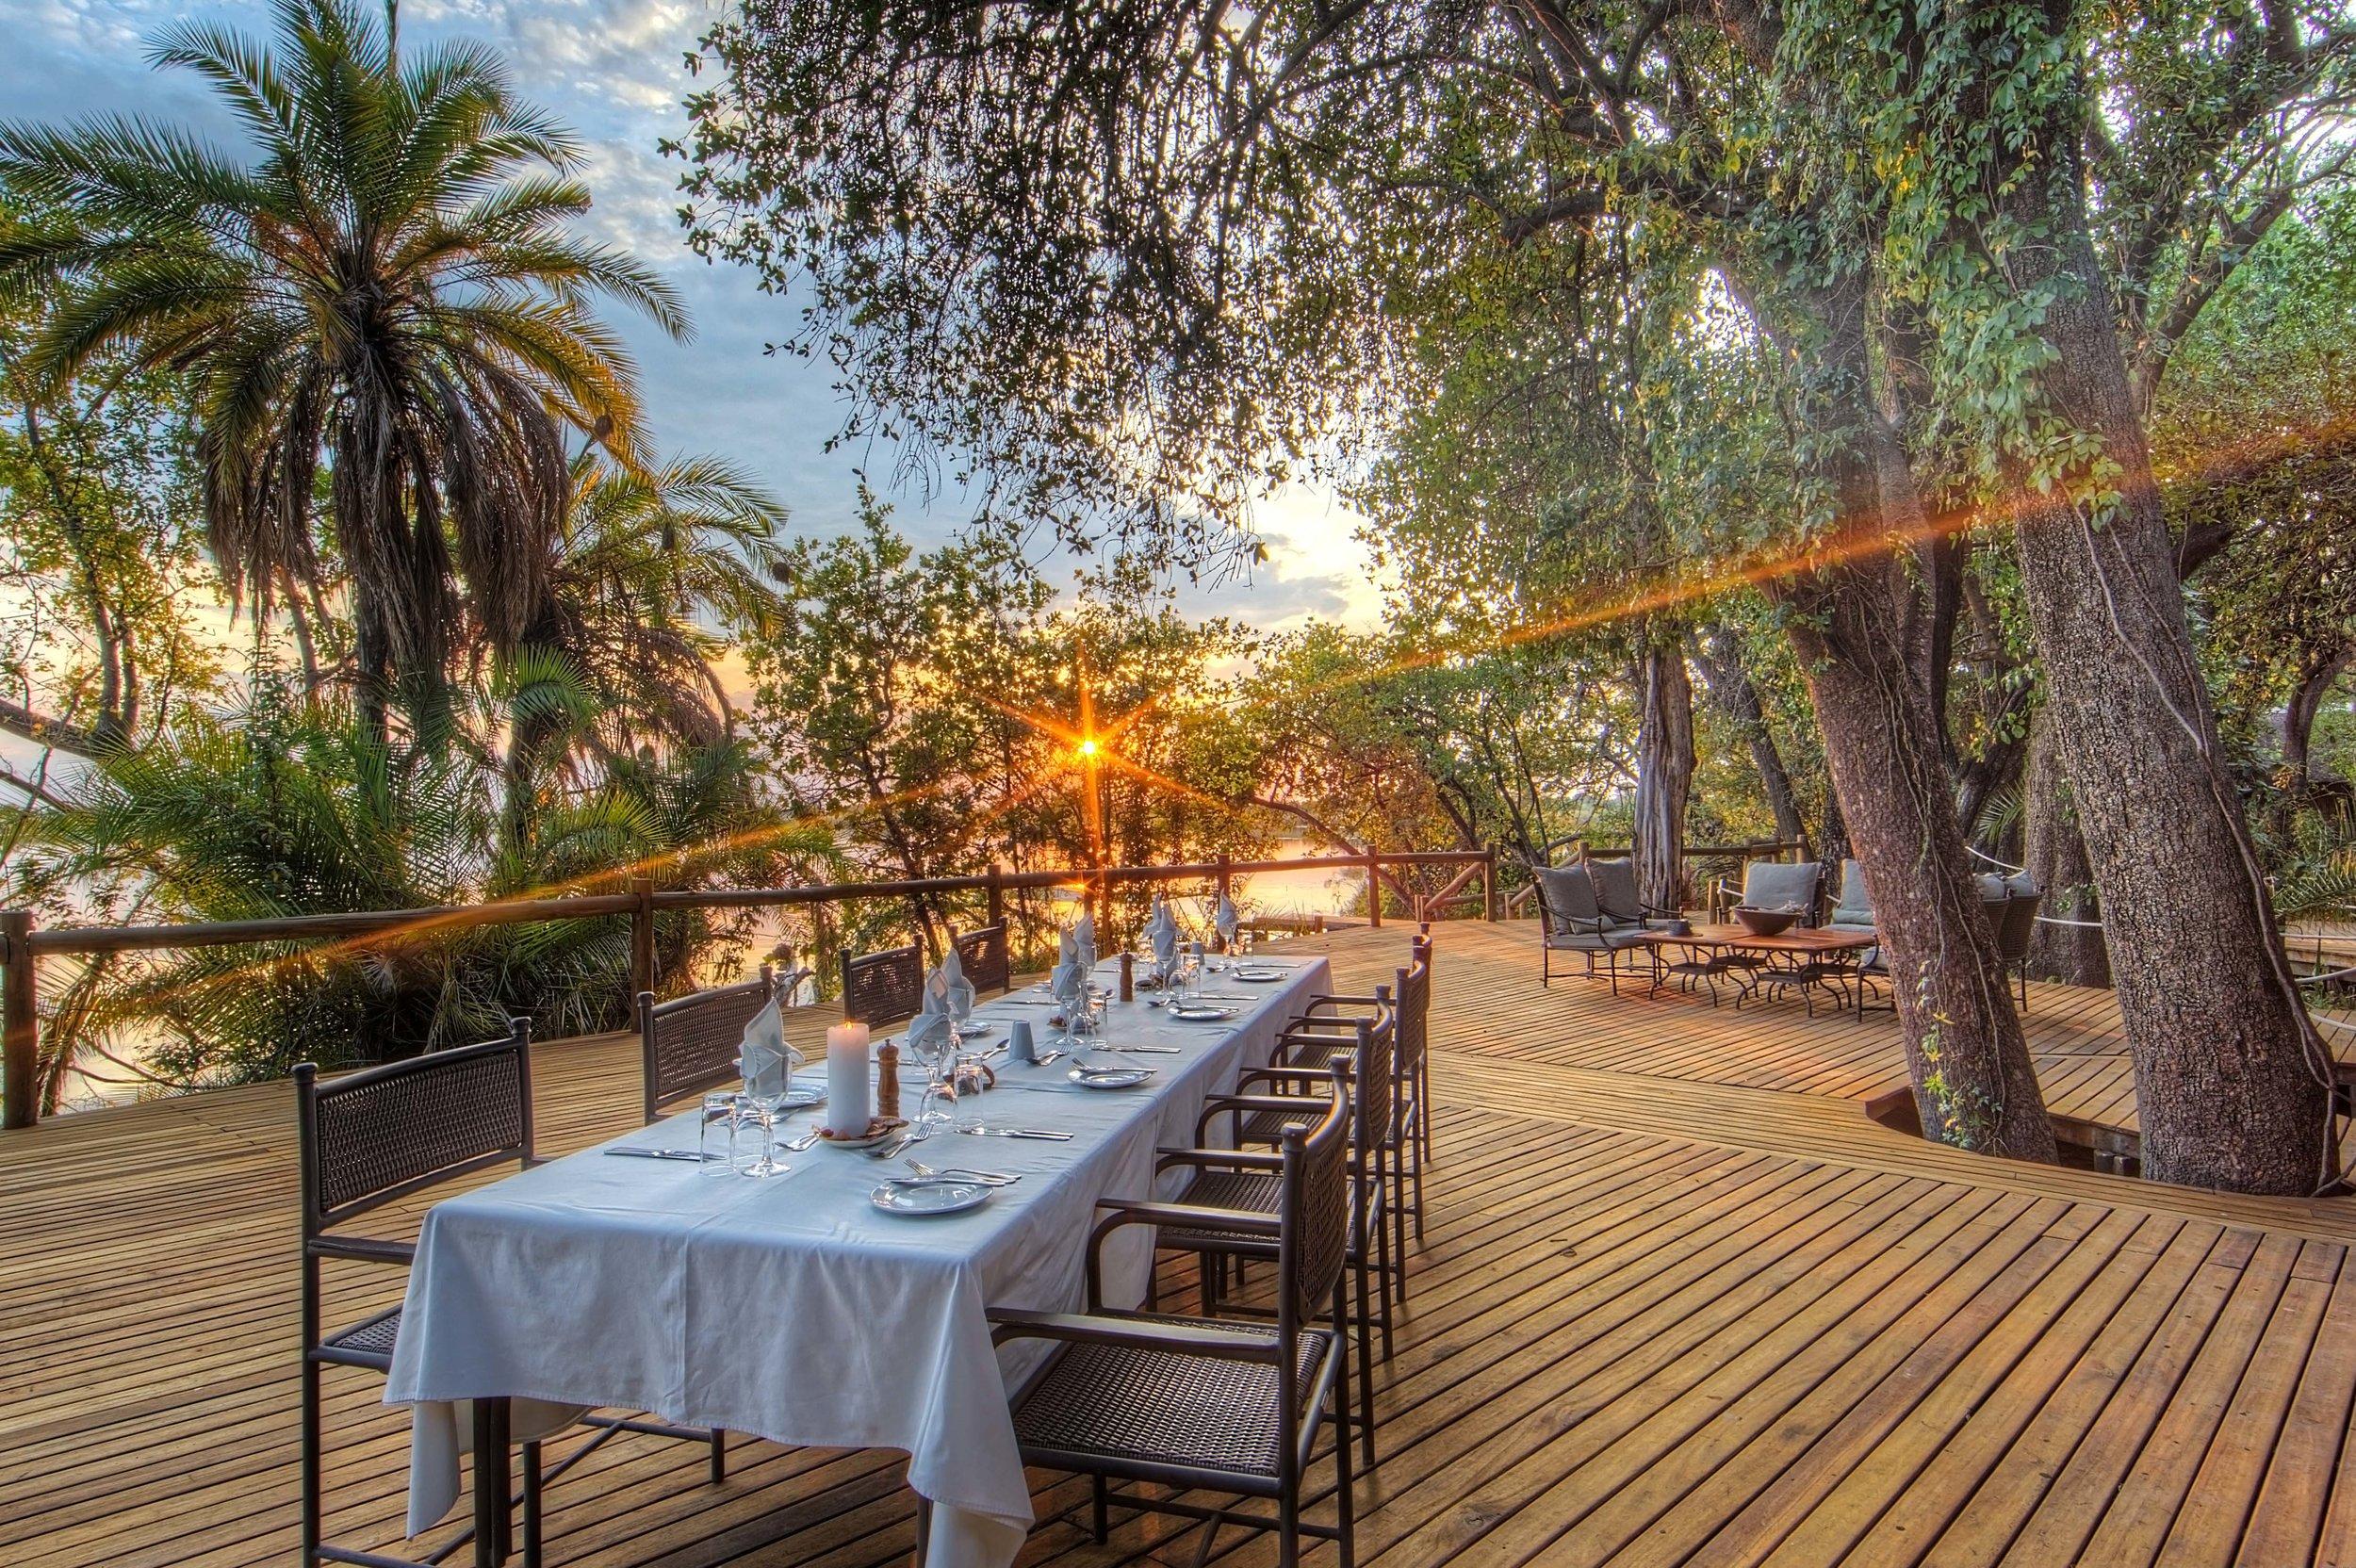 xugana-island-lodge-outdoor-dining1.jpg